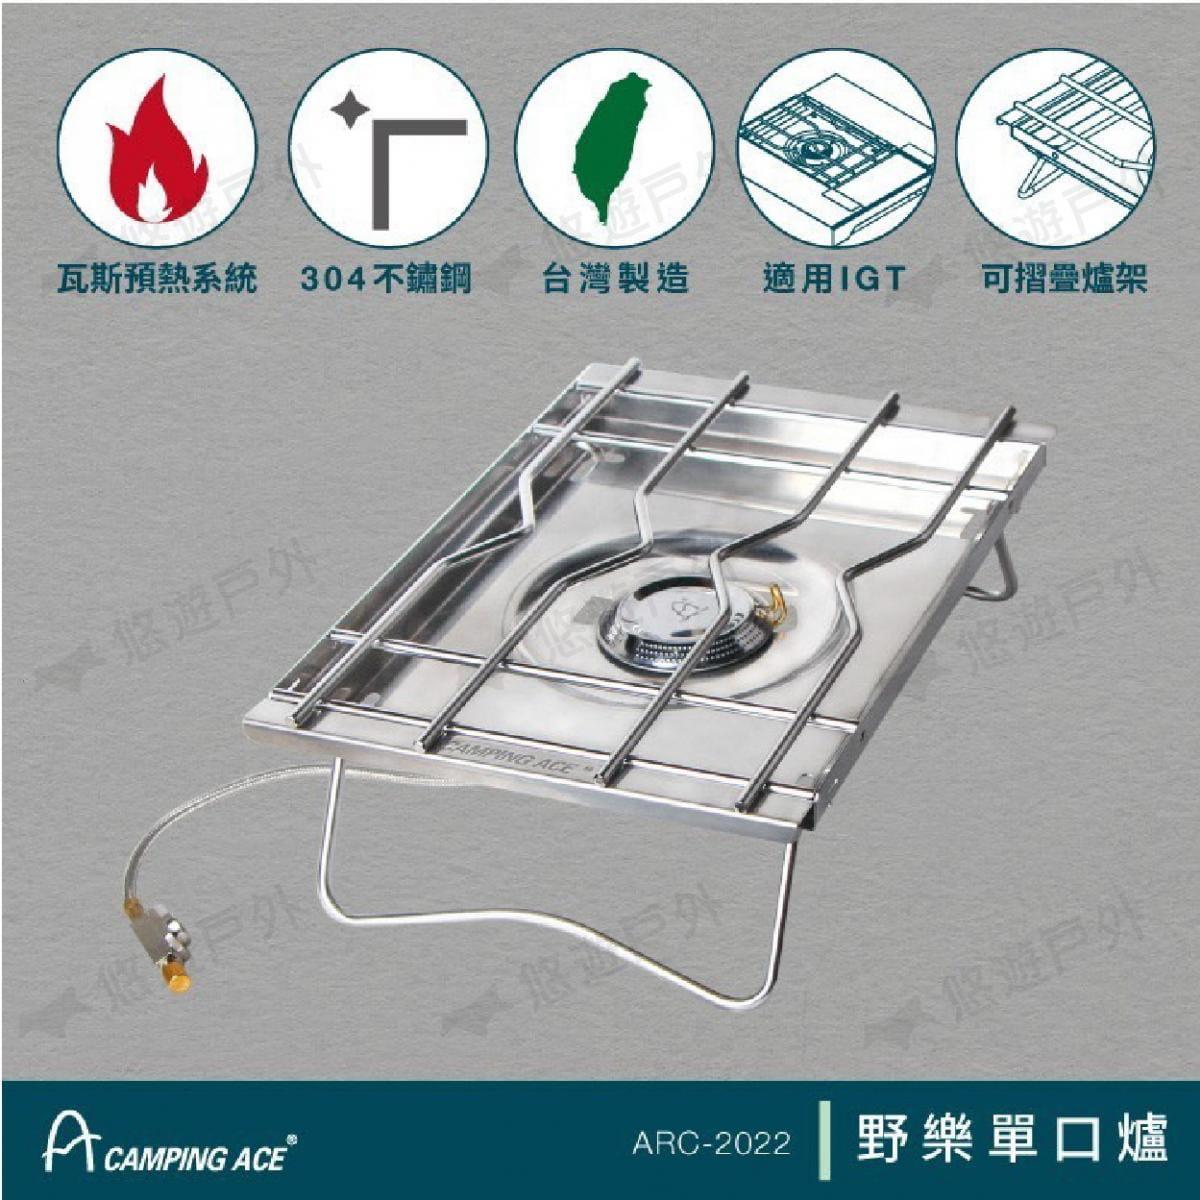 【野樂】單口爐 ARC-202 台灣製 單口爐 瓦斯爐 露營 野營 304不銹銹鋼 IGT 3